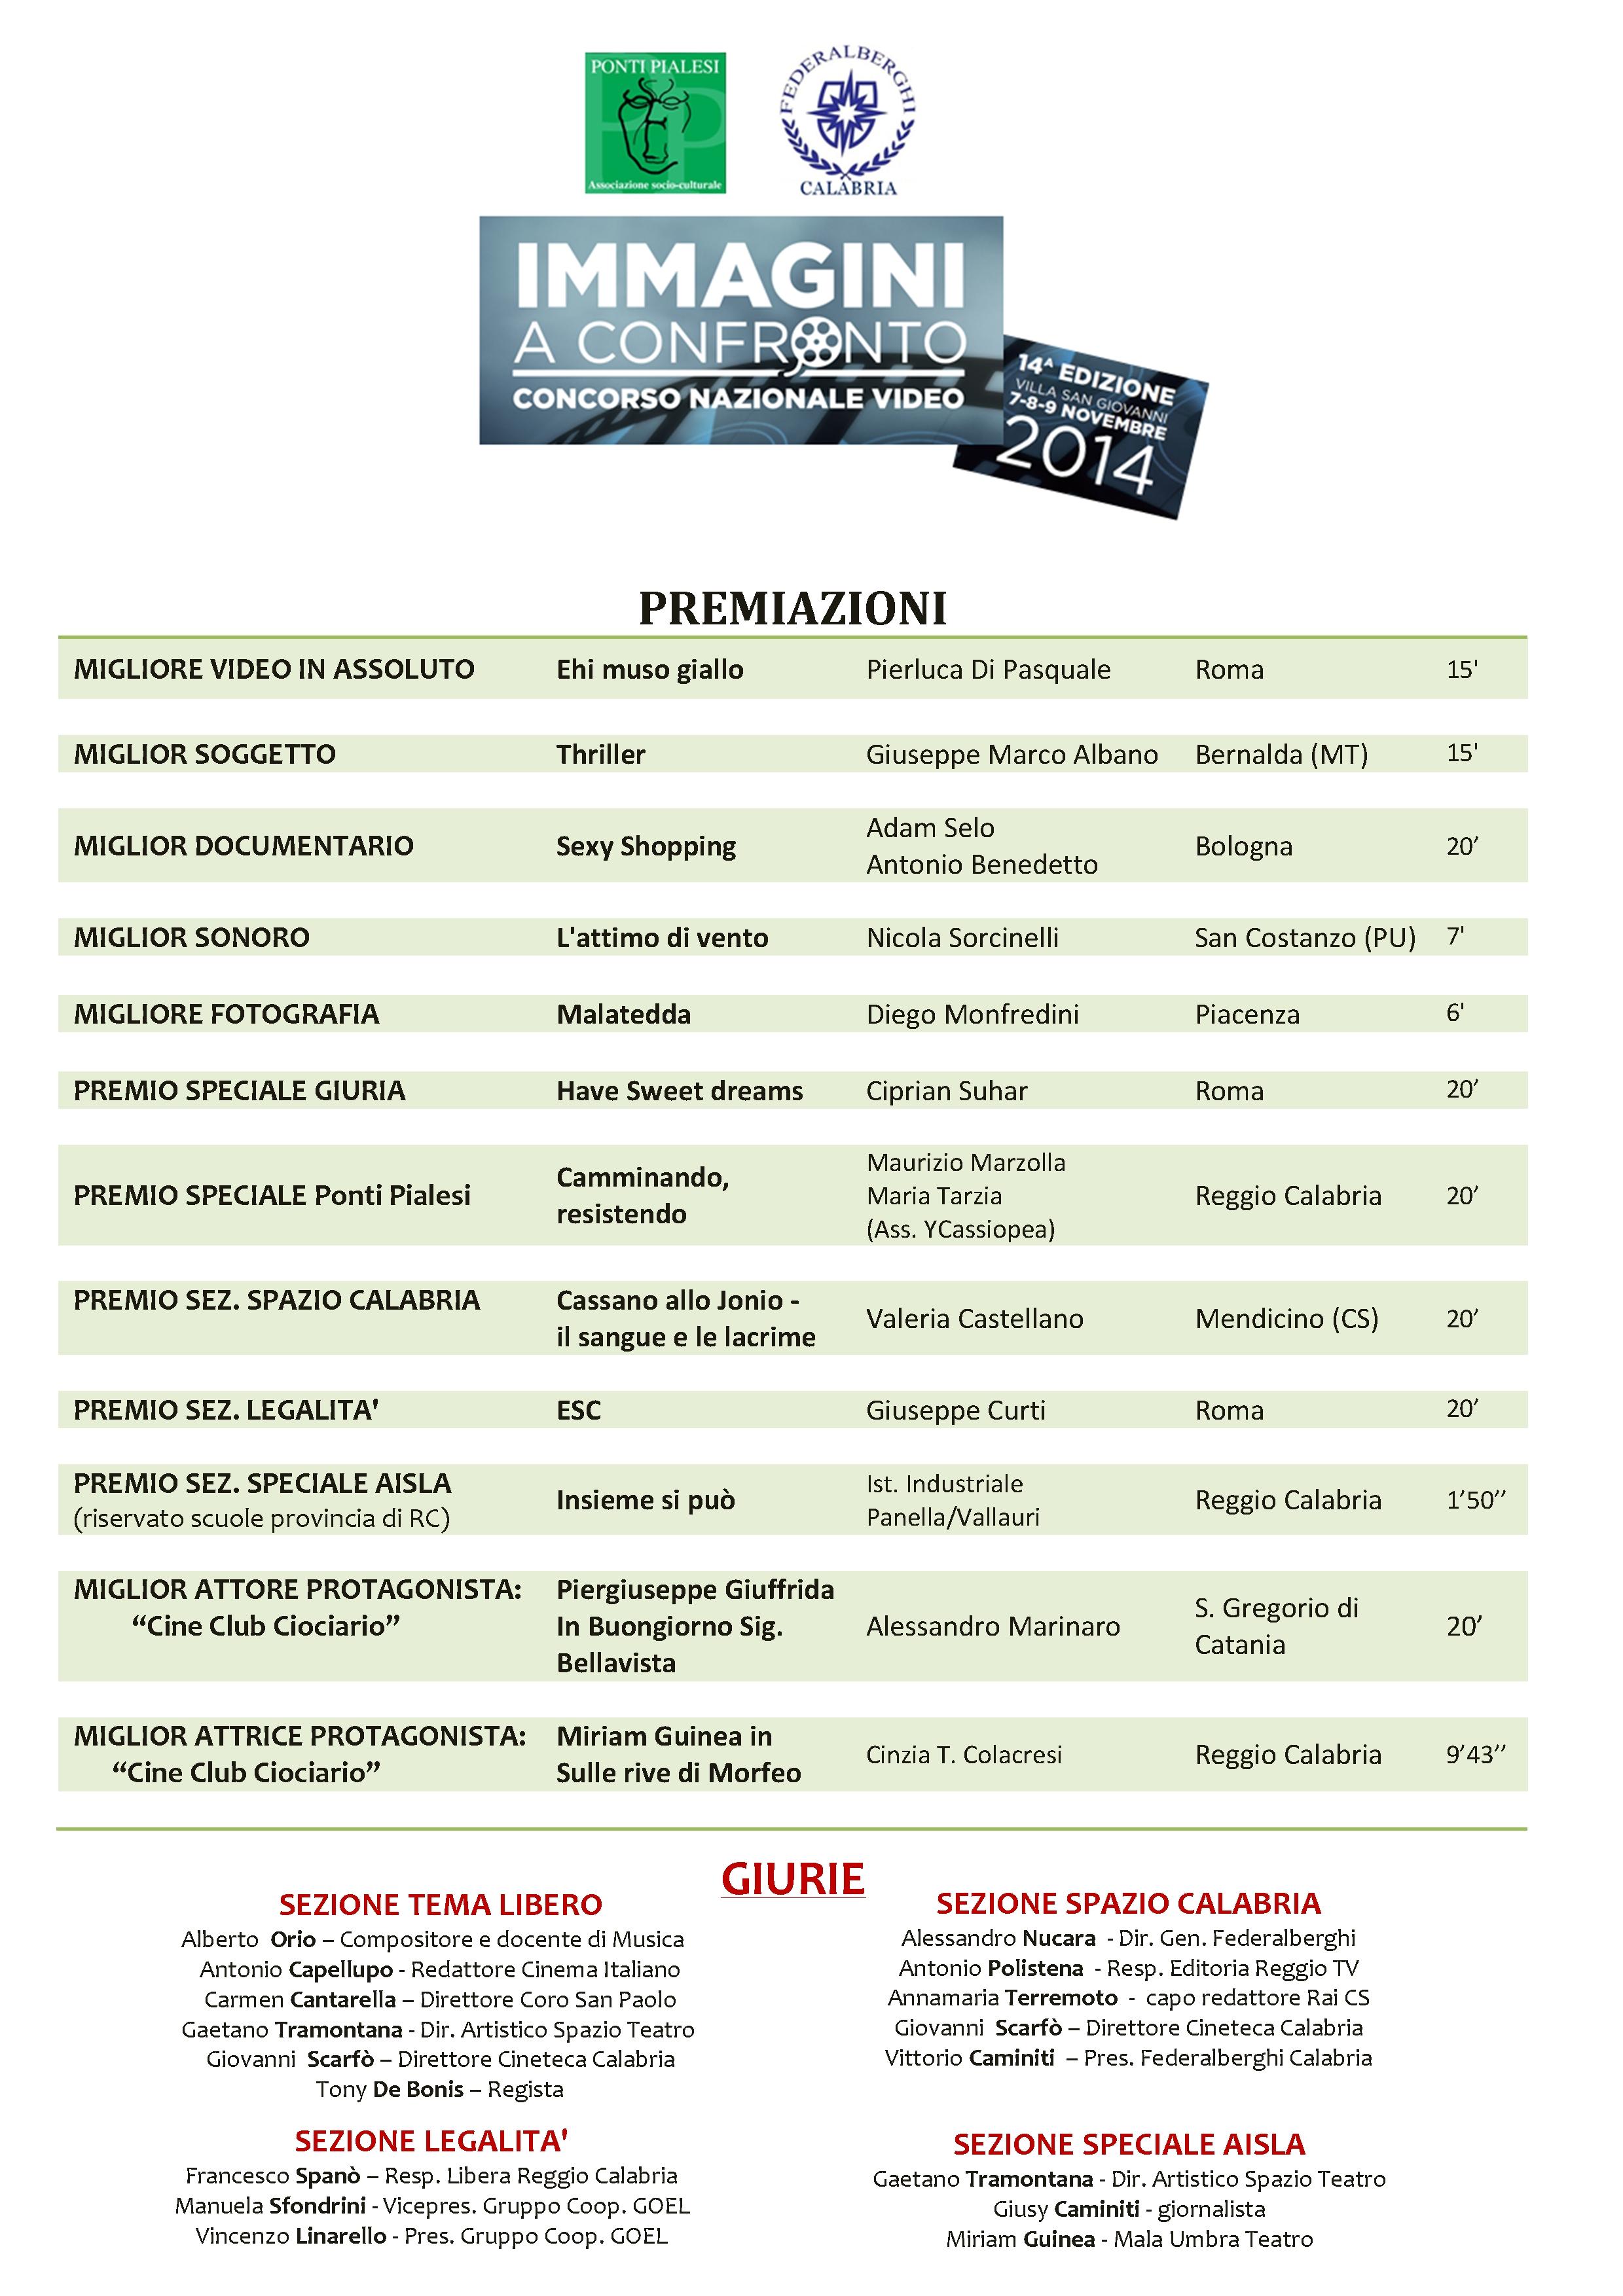 IMMAGINI A CONFRONTO 14A Edizione 2014 - CORTI VINCITORI